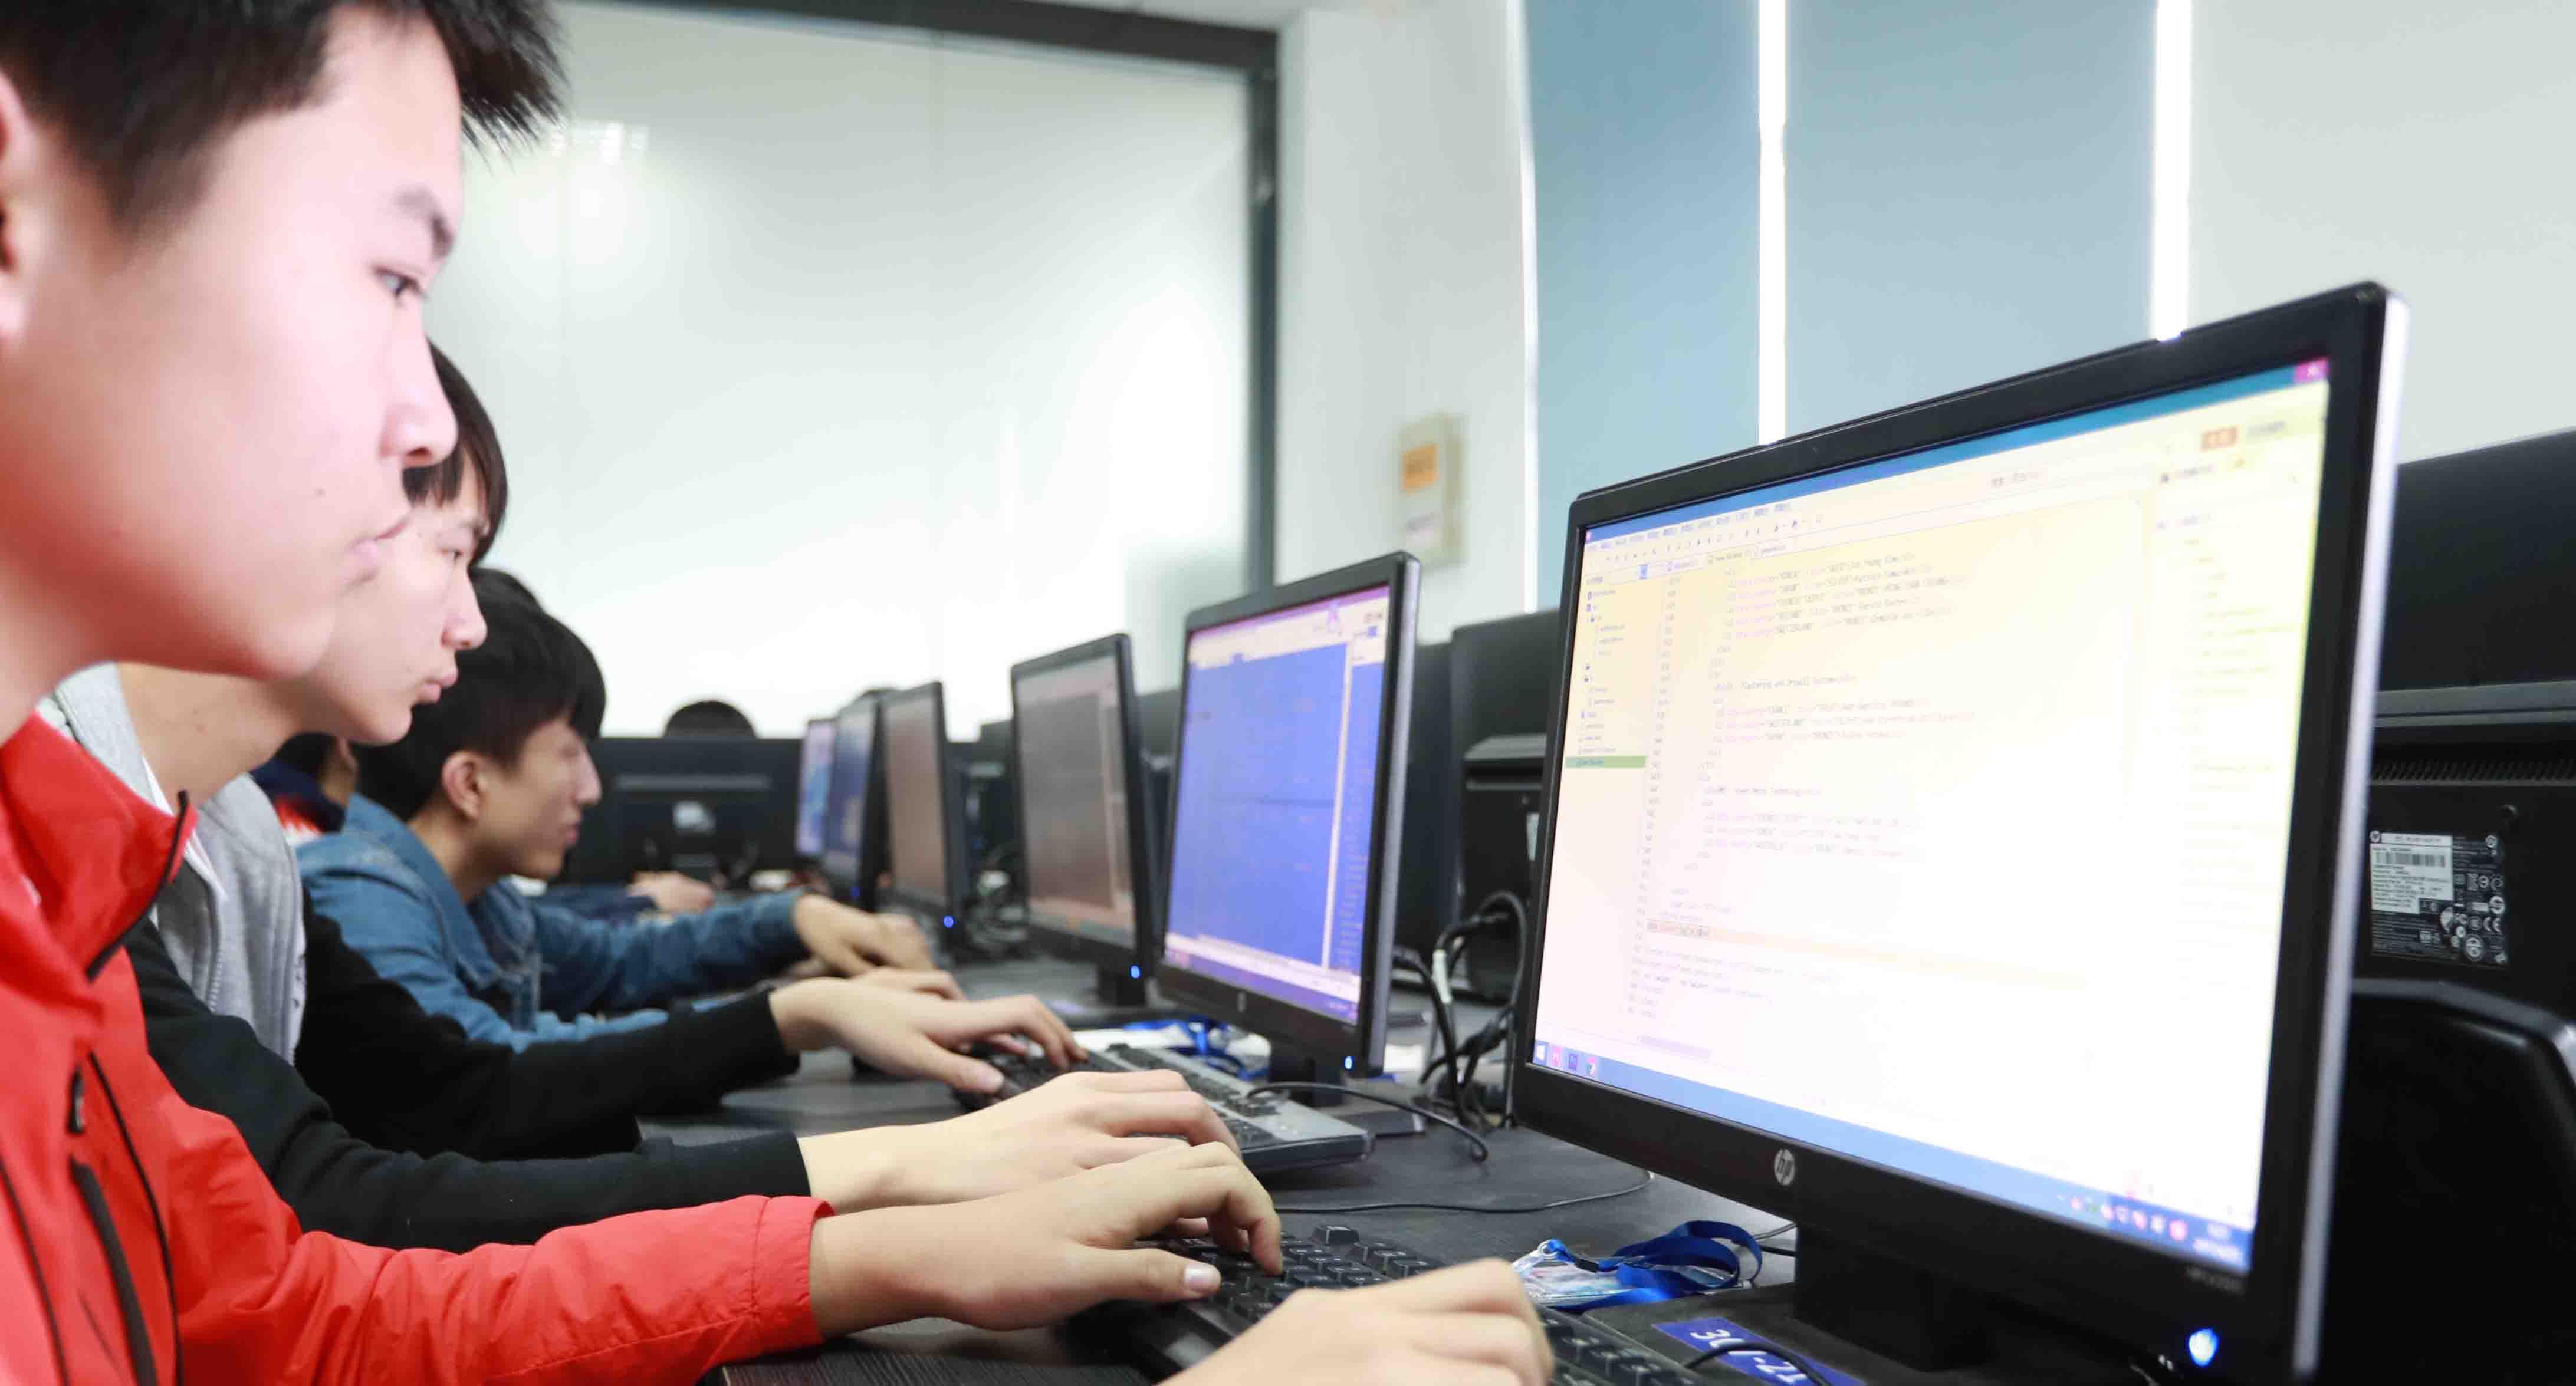 新华软件大赛:演绎键盘上的速度与激情